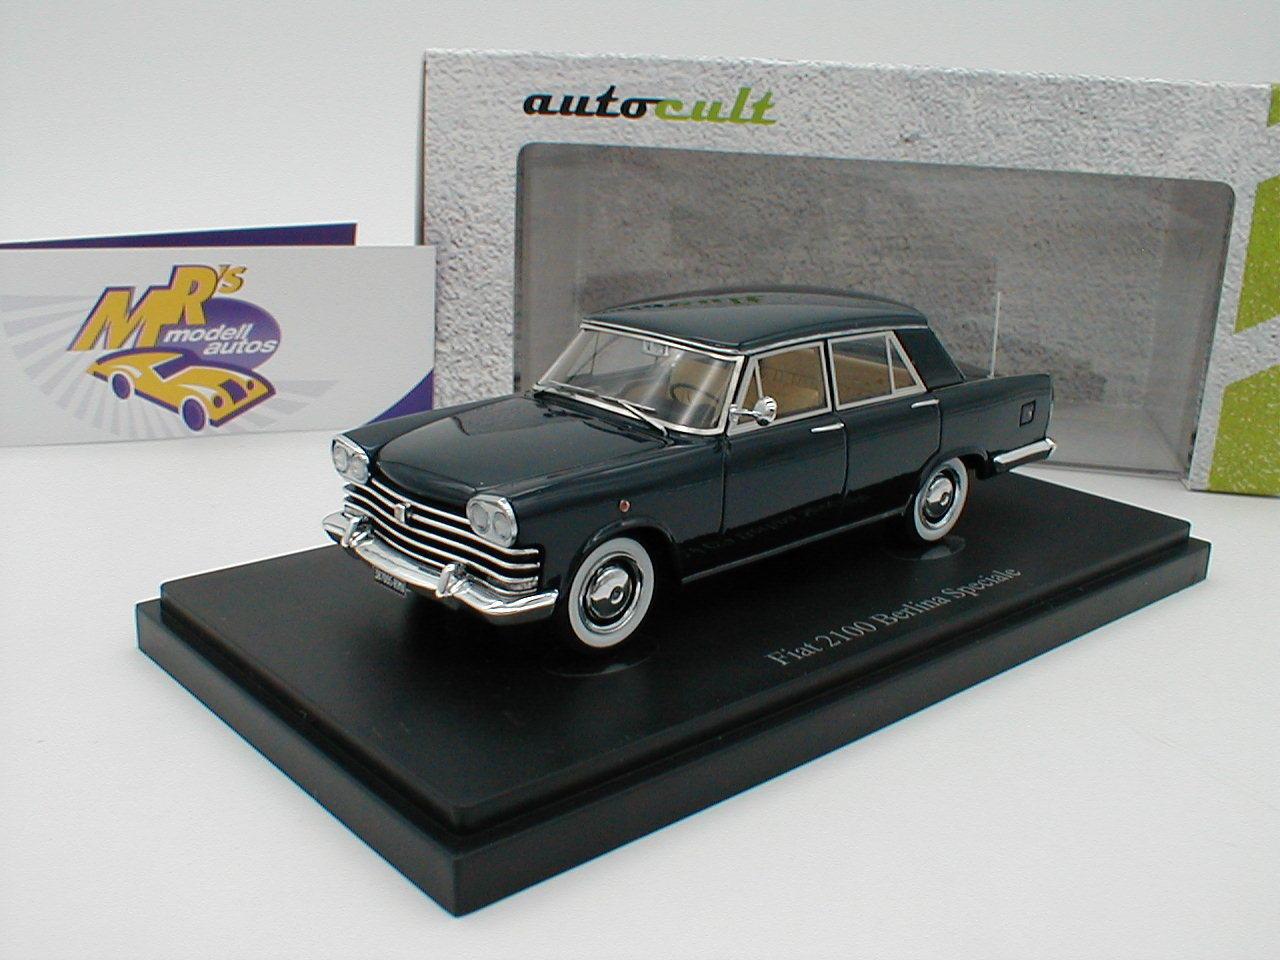 Autocult 05021 - fiat - 2100 berlina speciale baujahr 1959 in  dunkelblau  1 43